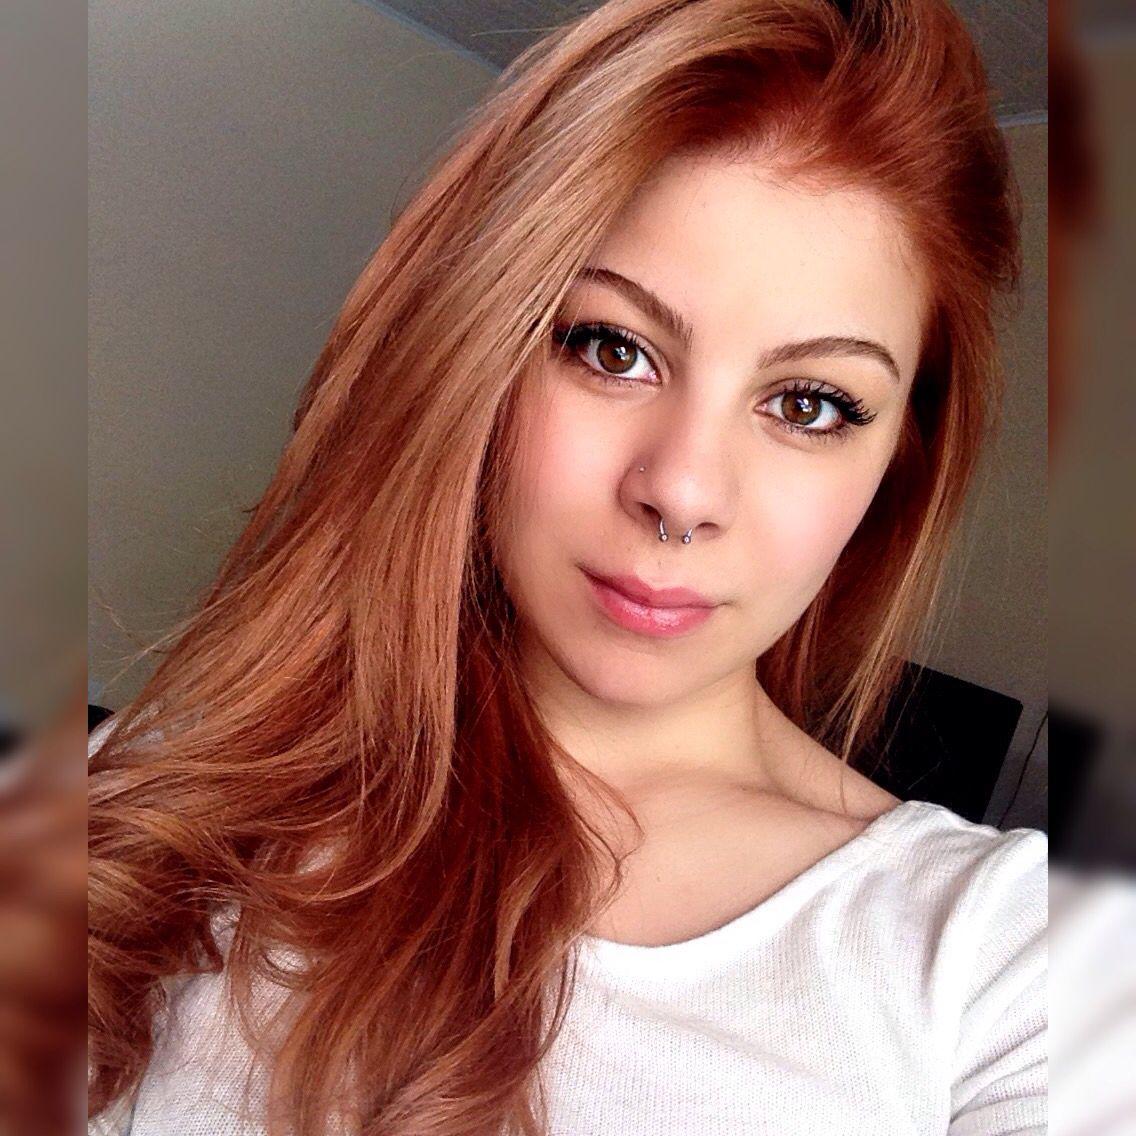 Super ruivos acobreados | Hair | Pinterest | Ruivo acobreado, Acobreado  KM06